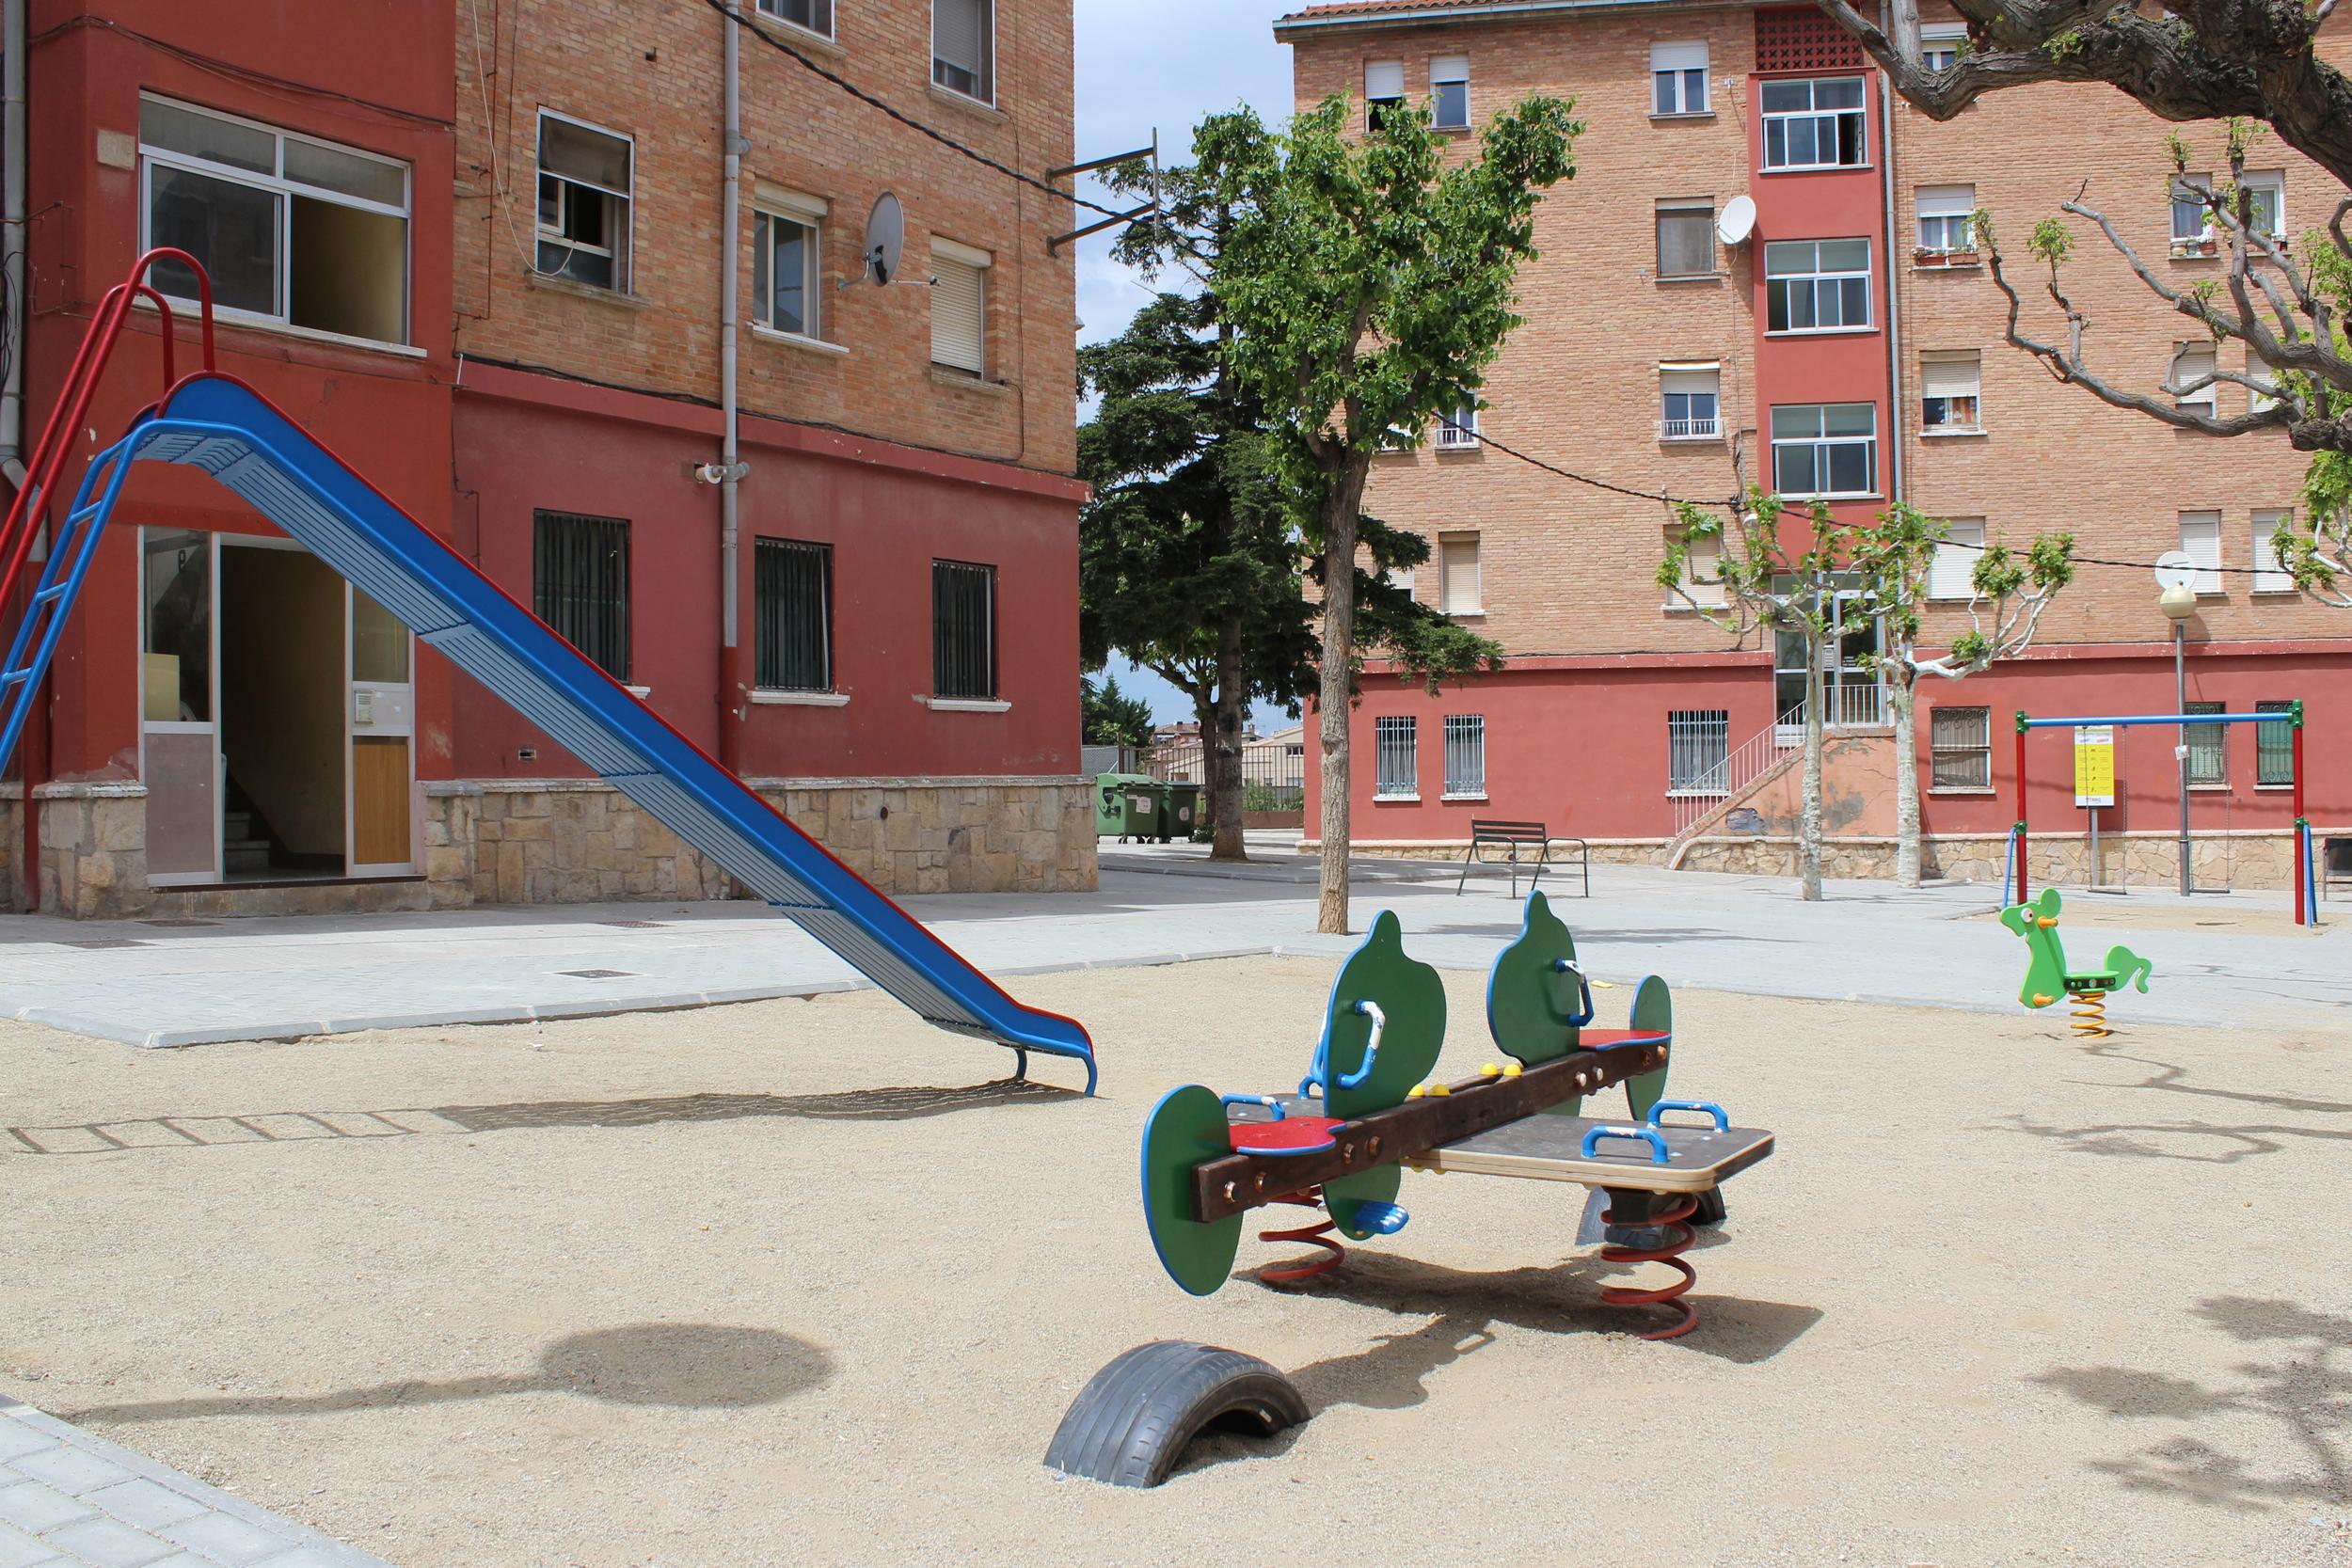 L'Ajuntament de Tàrrega finalitza les obres de rehabilitació de la plaça de Lluís Companys, al barri del Cor de Maria